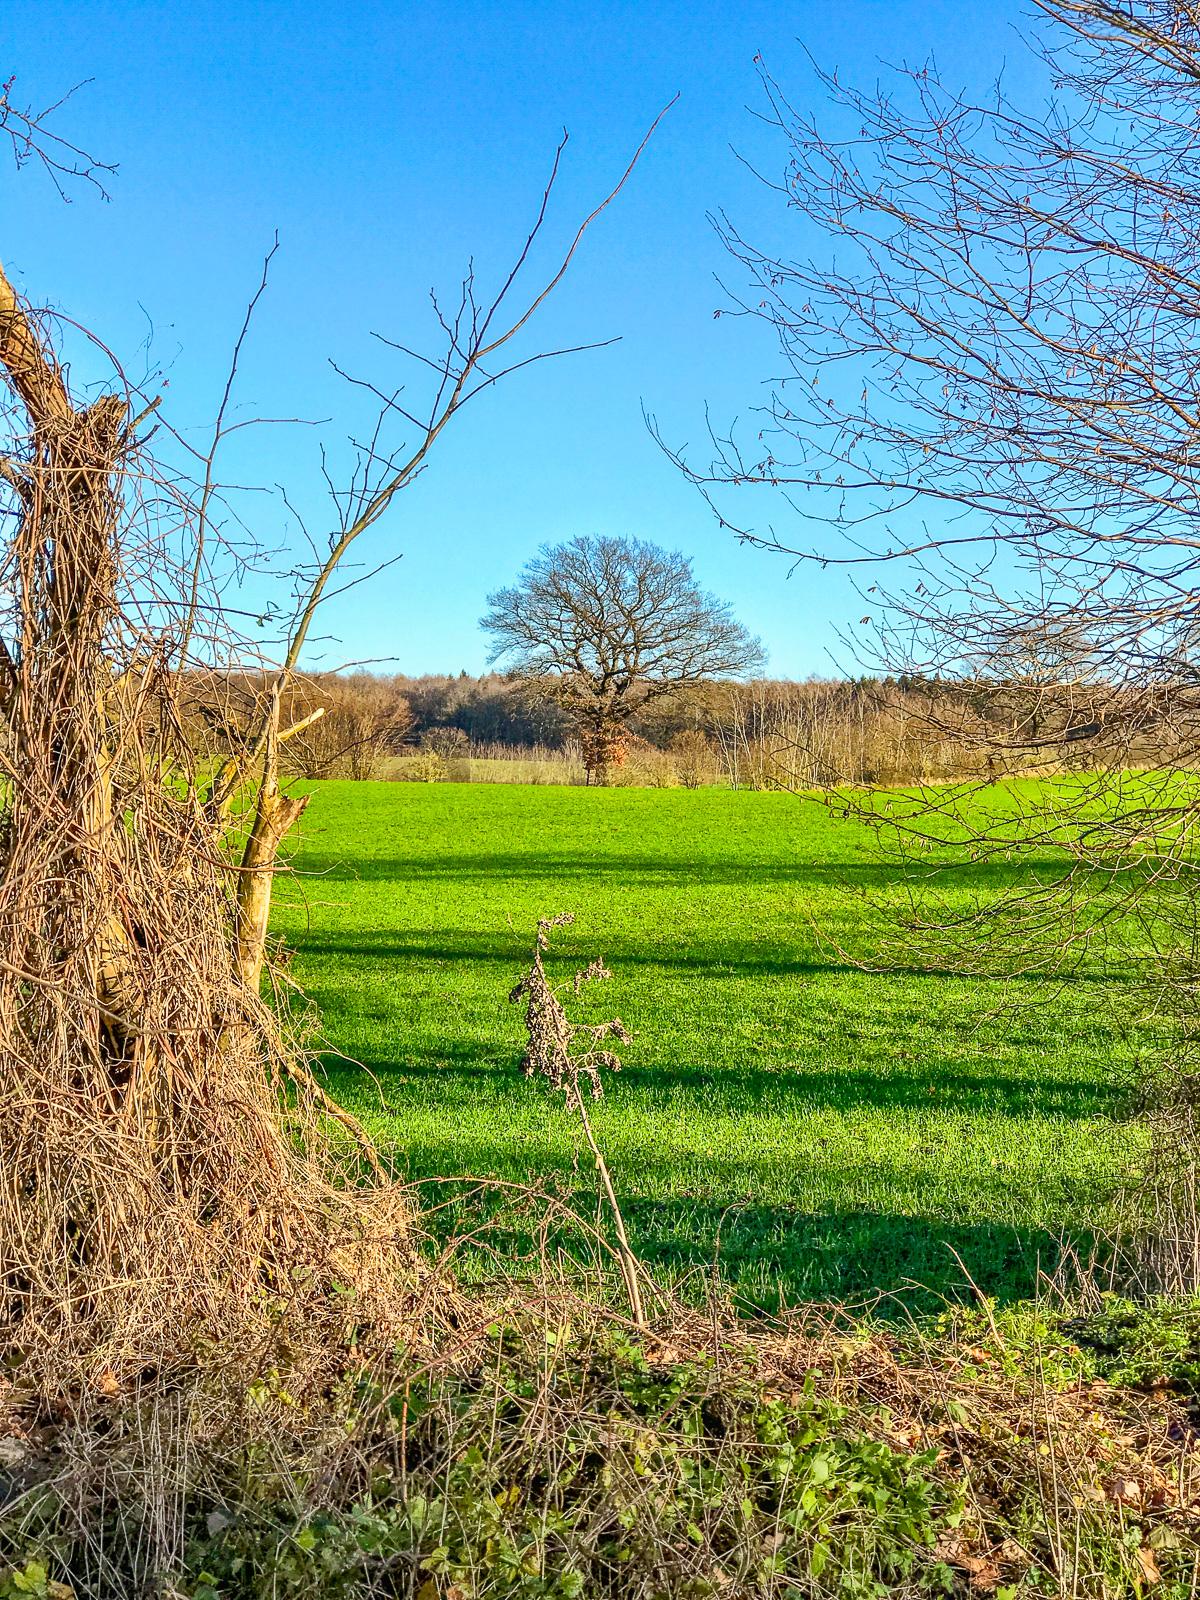 Einzelner Baum auf dem Feld, von Büschen im Vordergrund eingerahmt